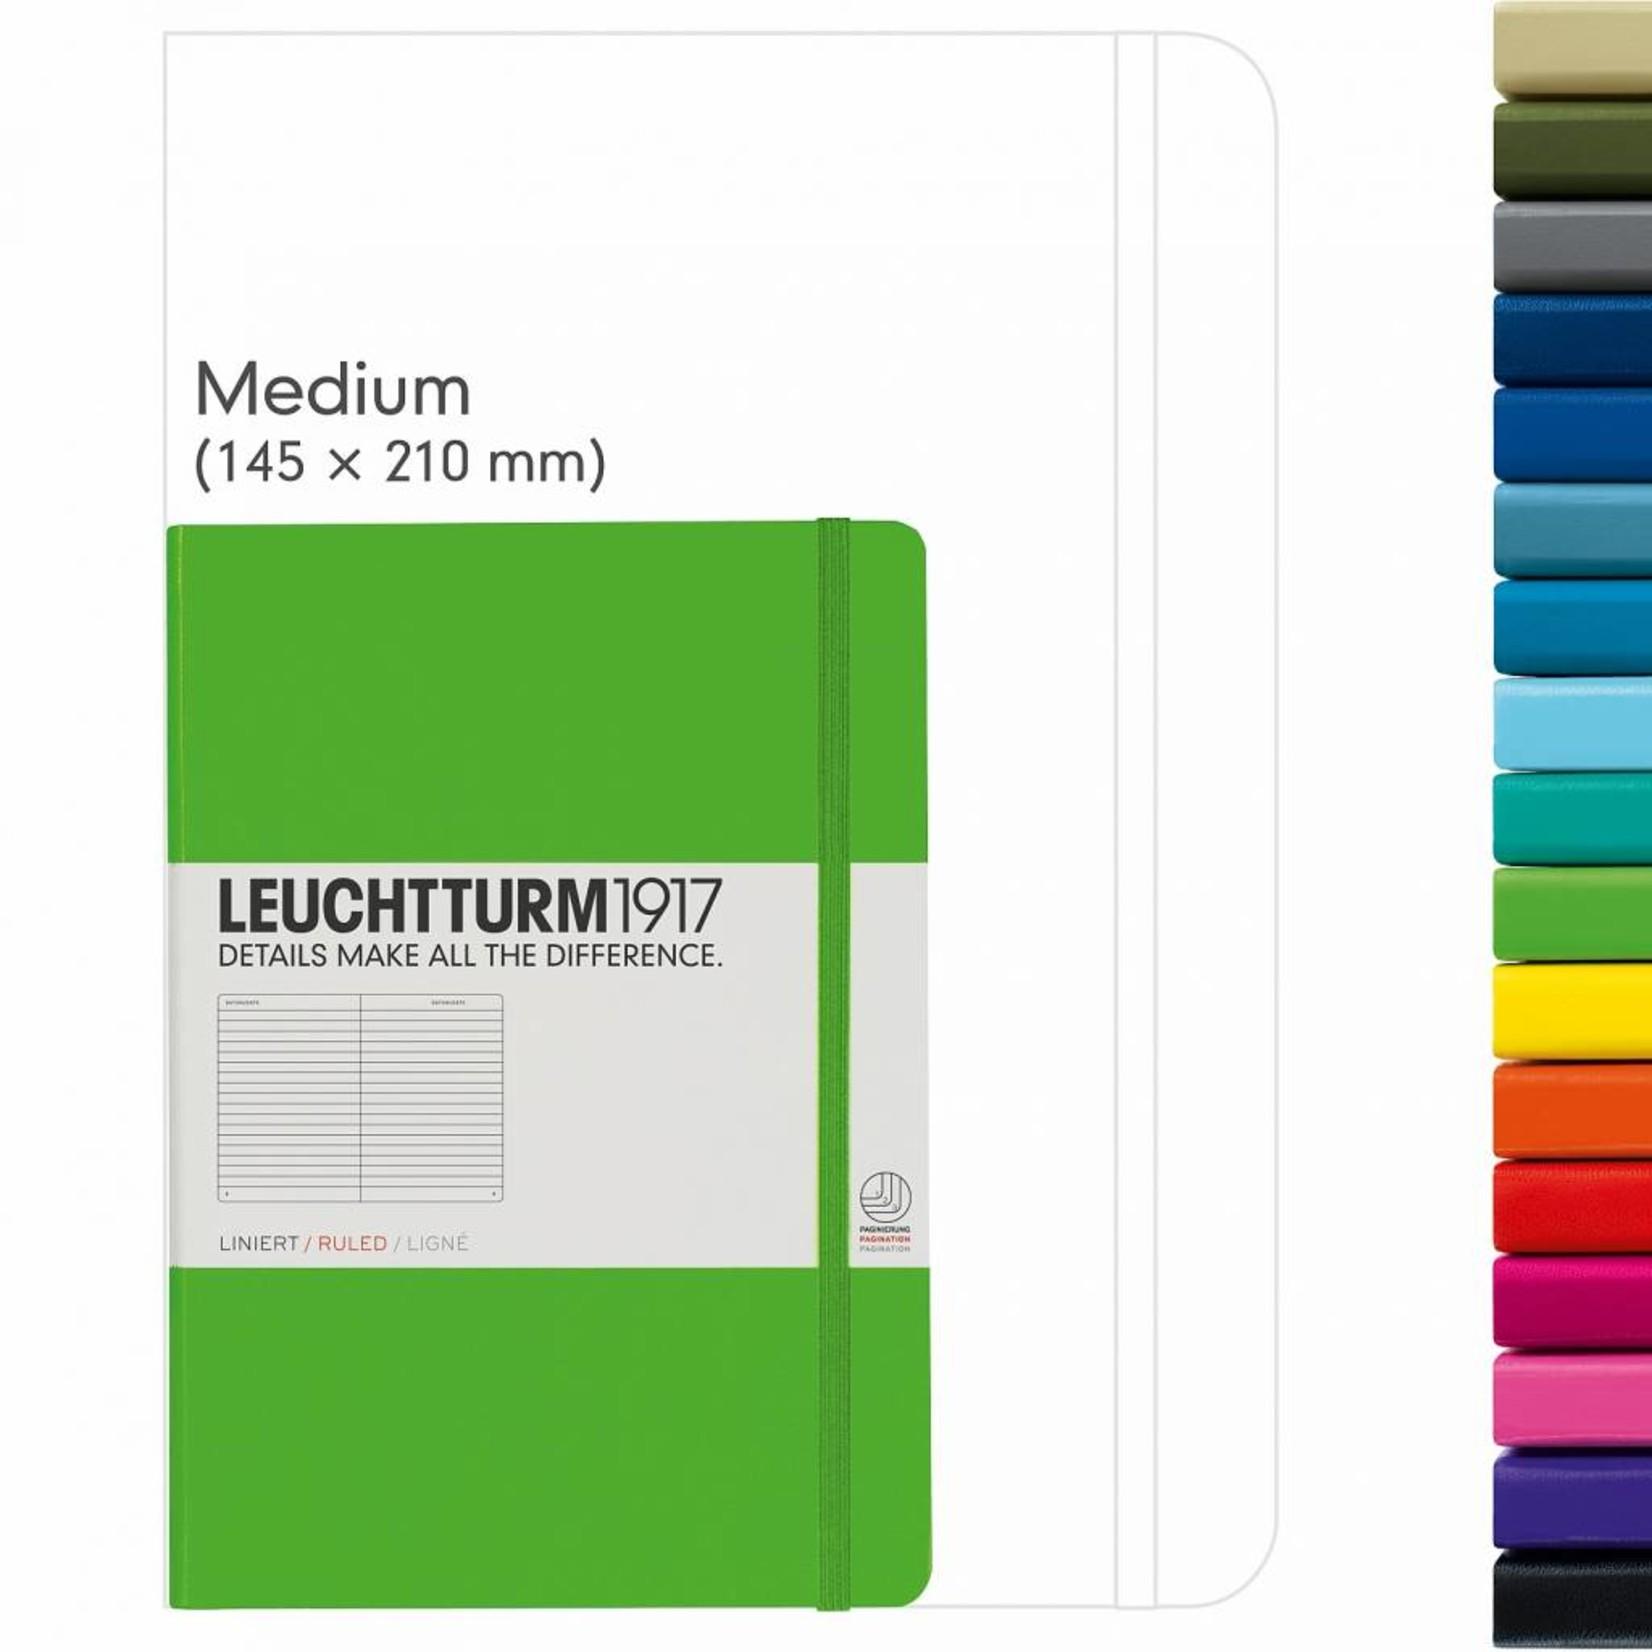 Leuchtturm1917 Leuchtturm1917 Notizbuch, Medium, Schwarz, Dotted